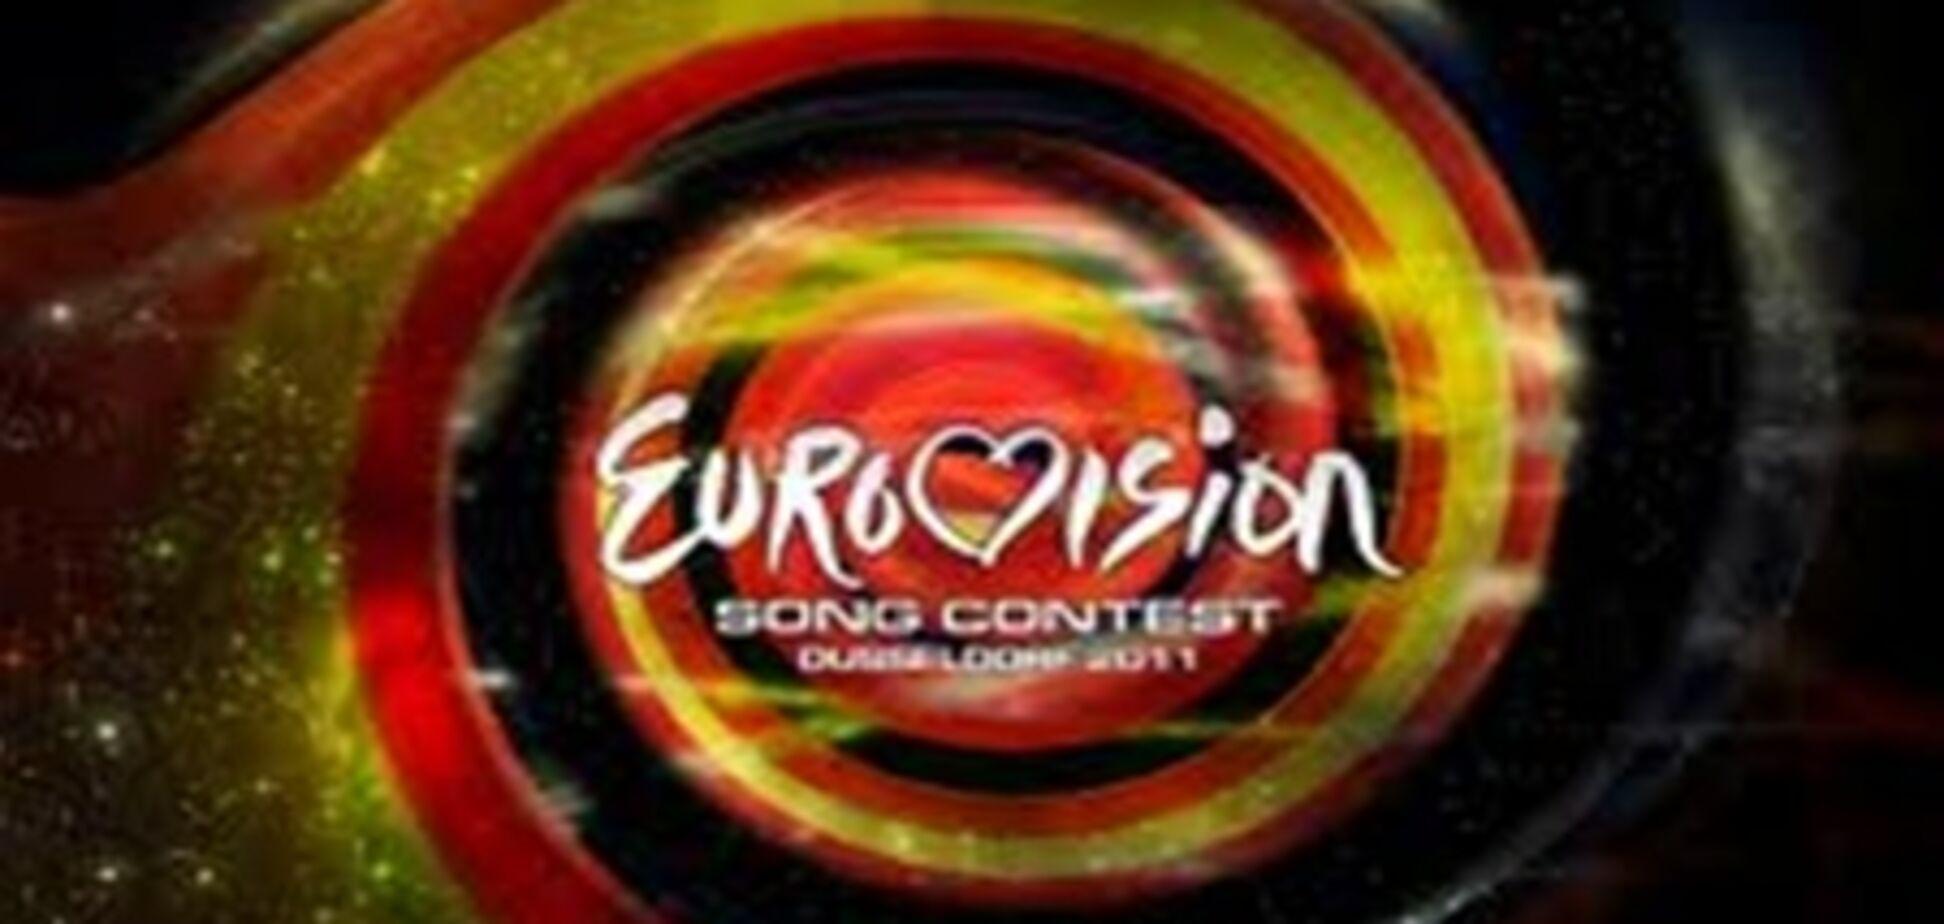 Евровидение: отборный мат в прямом эфире на весь мир. Видео